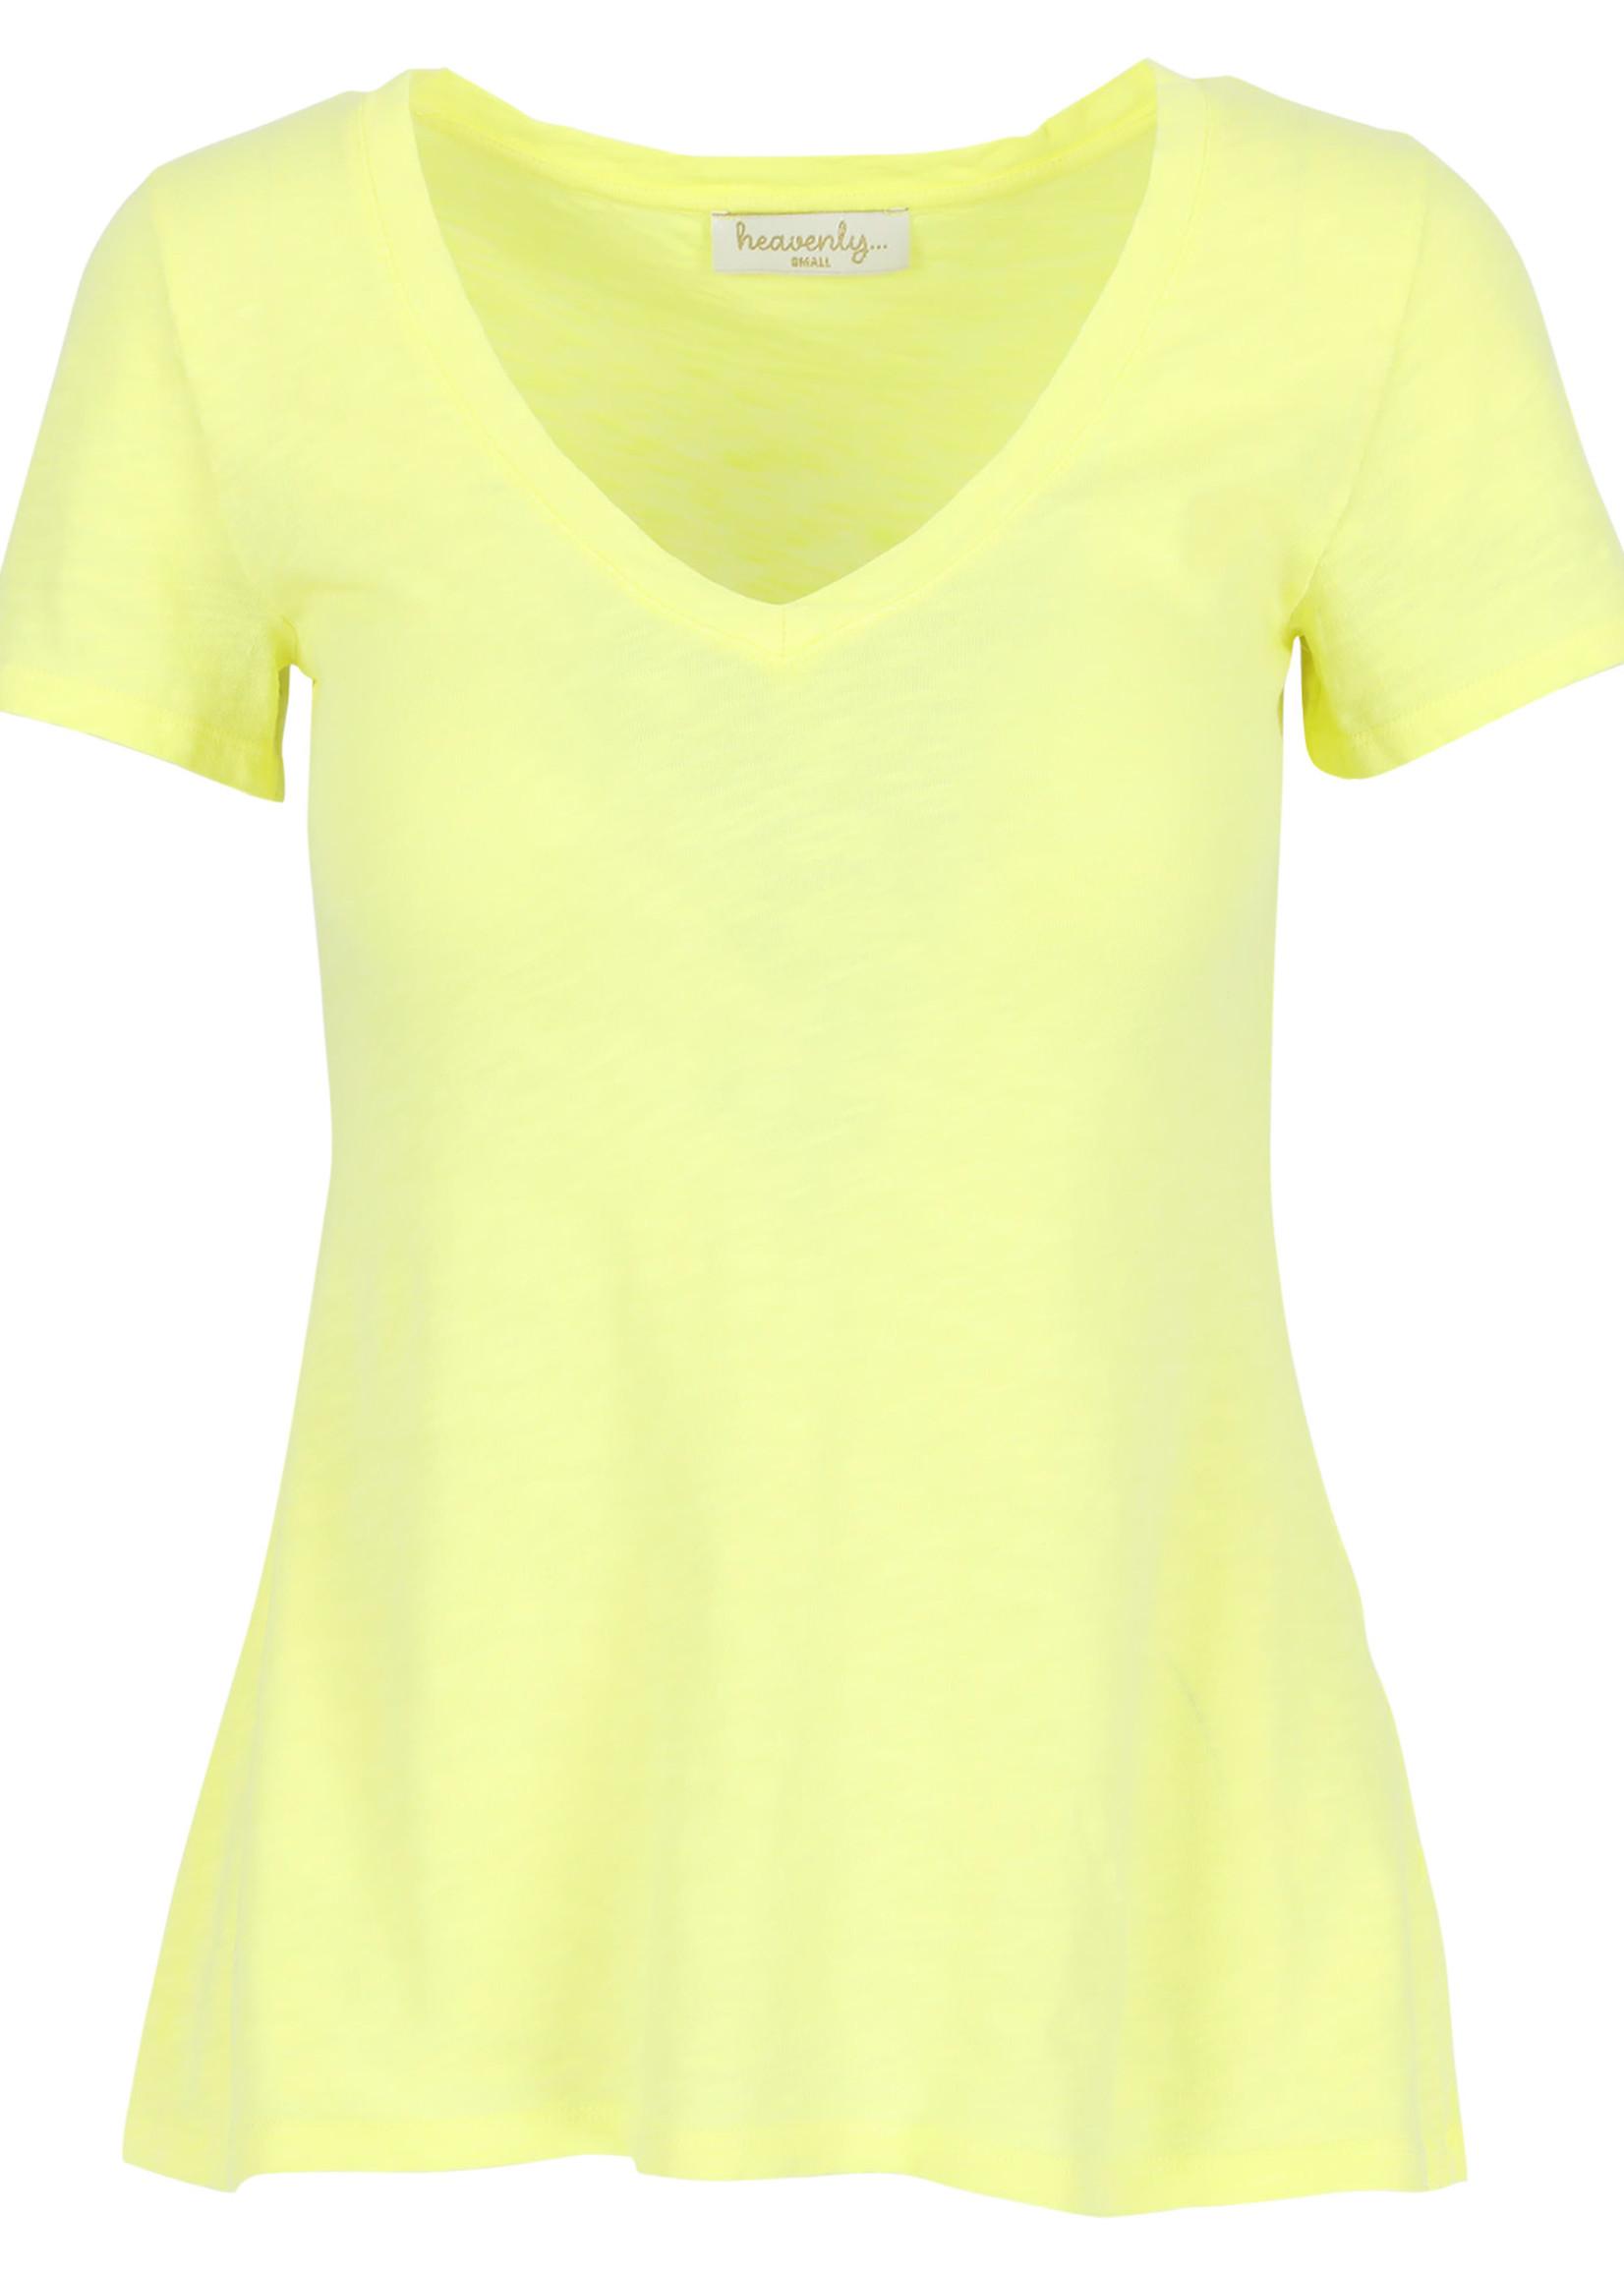 Heavenly Charli - Lemon